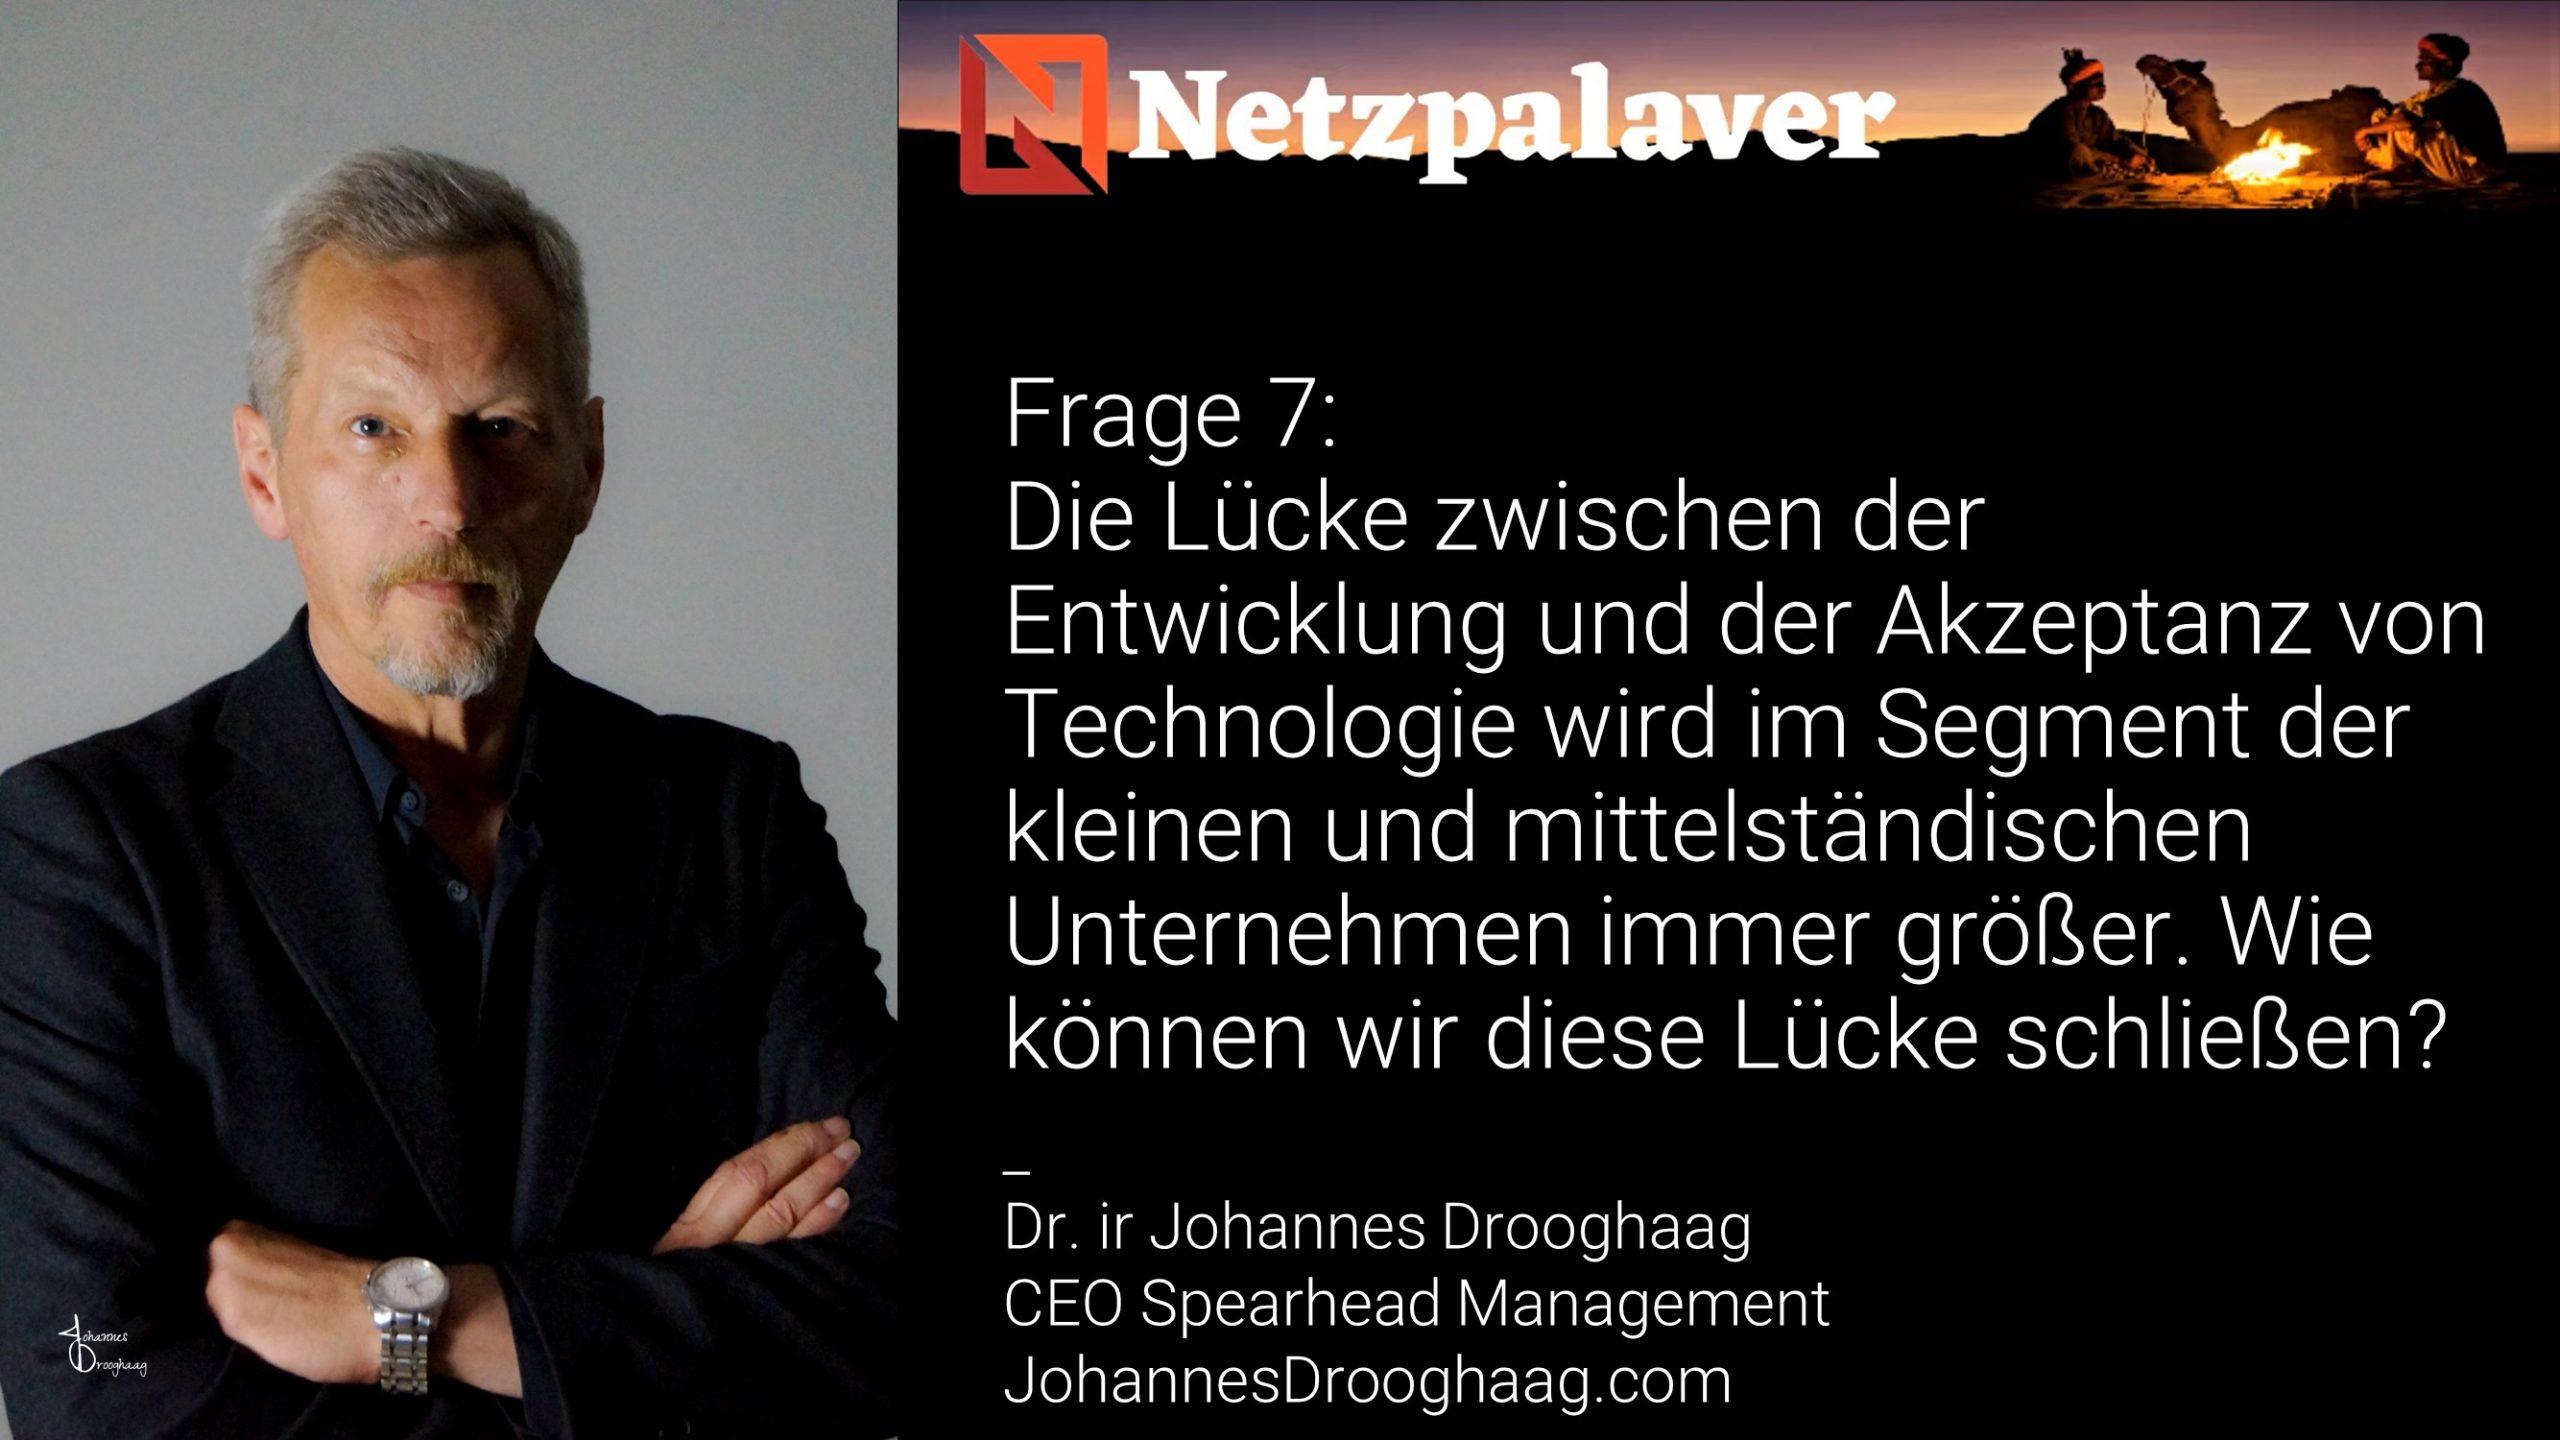 Netzpalaver: Mittelstand und Digitalisierung - Frage 7